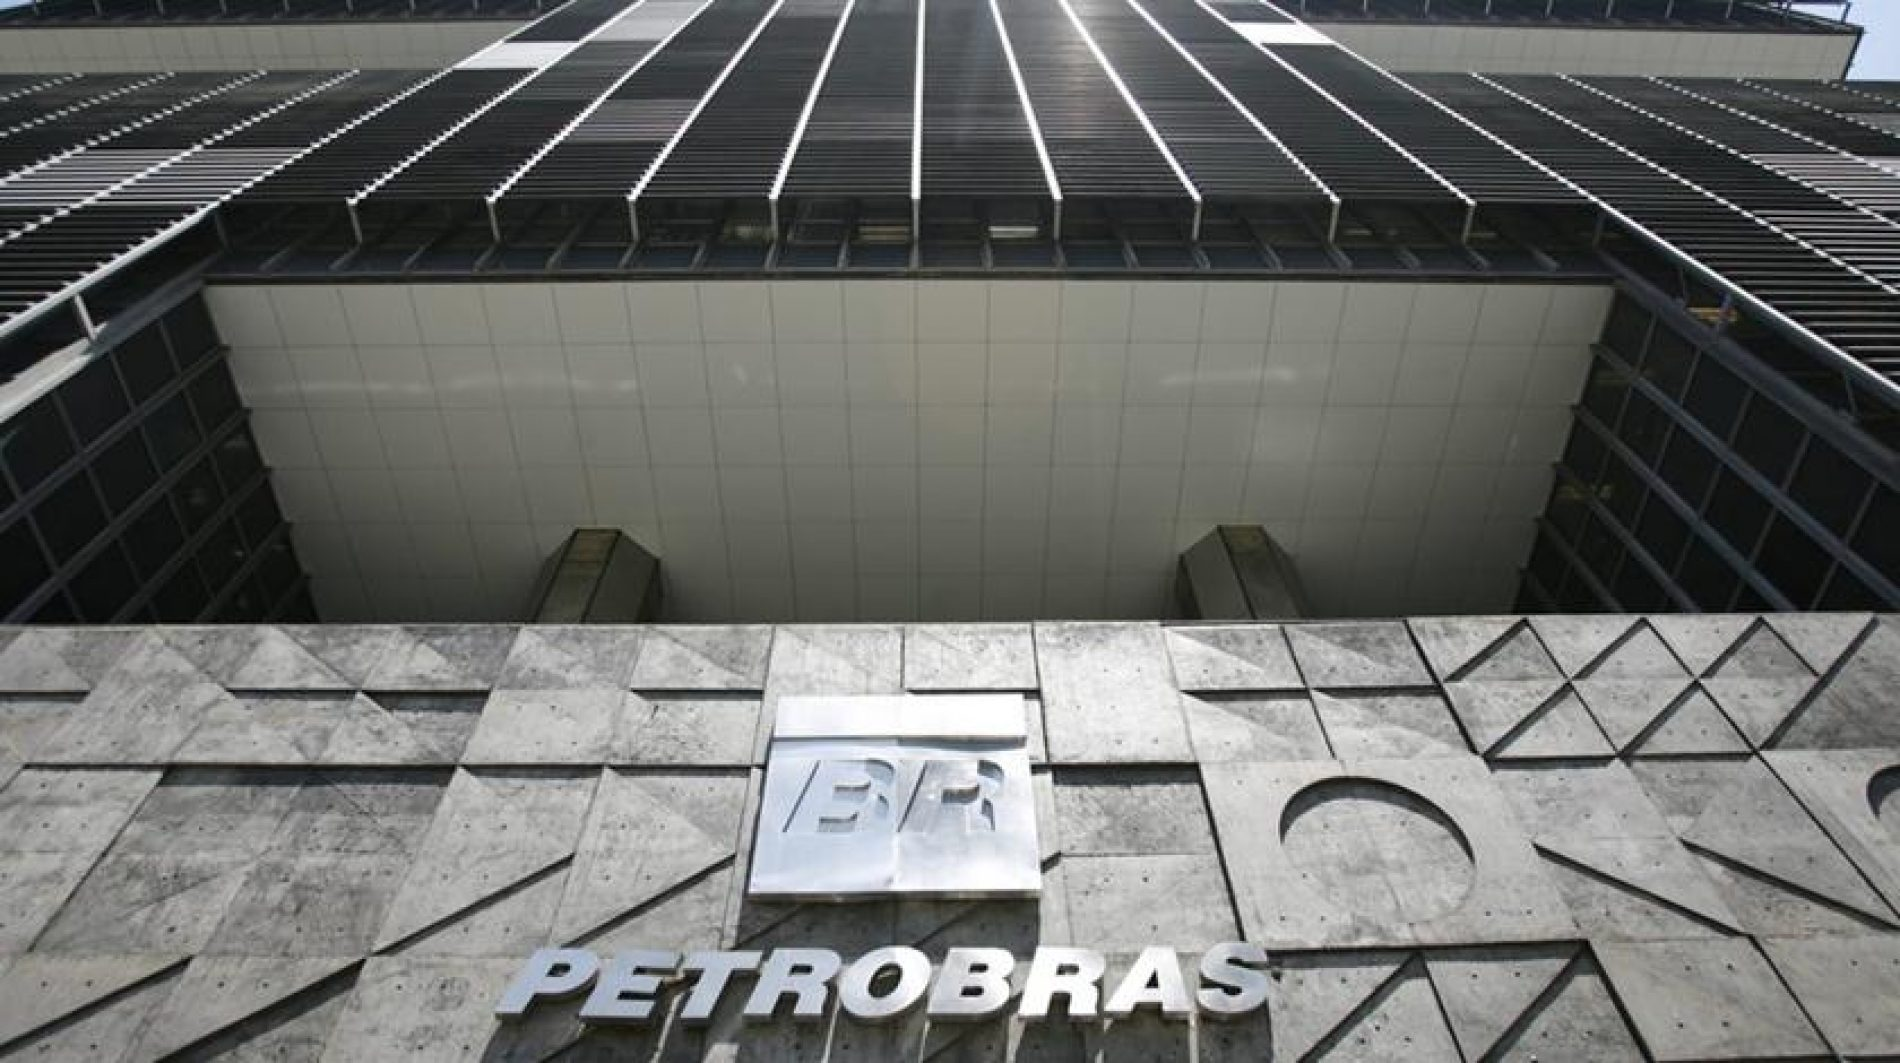 Petrobras reverte prejuízo e tem lucro líquido de R$ 266 milhões